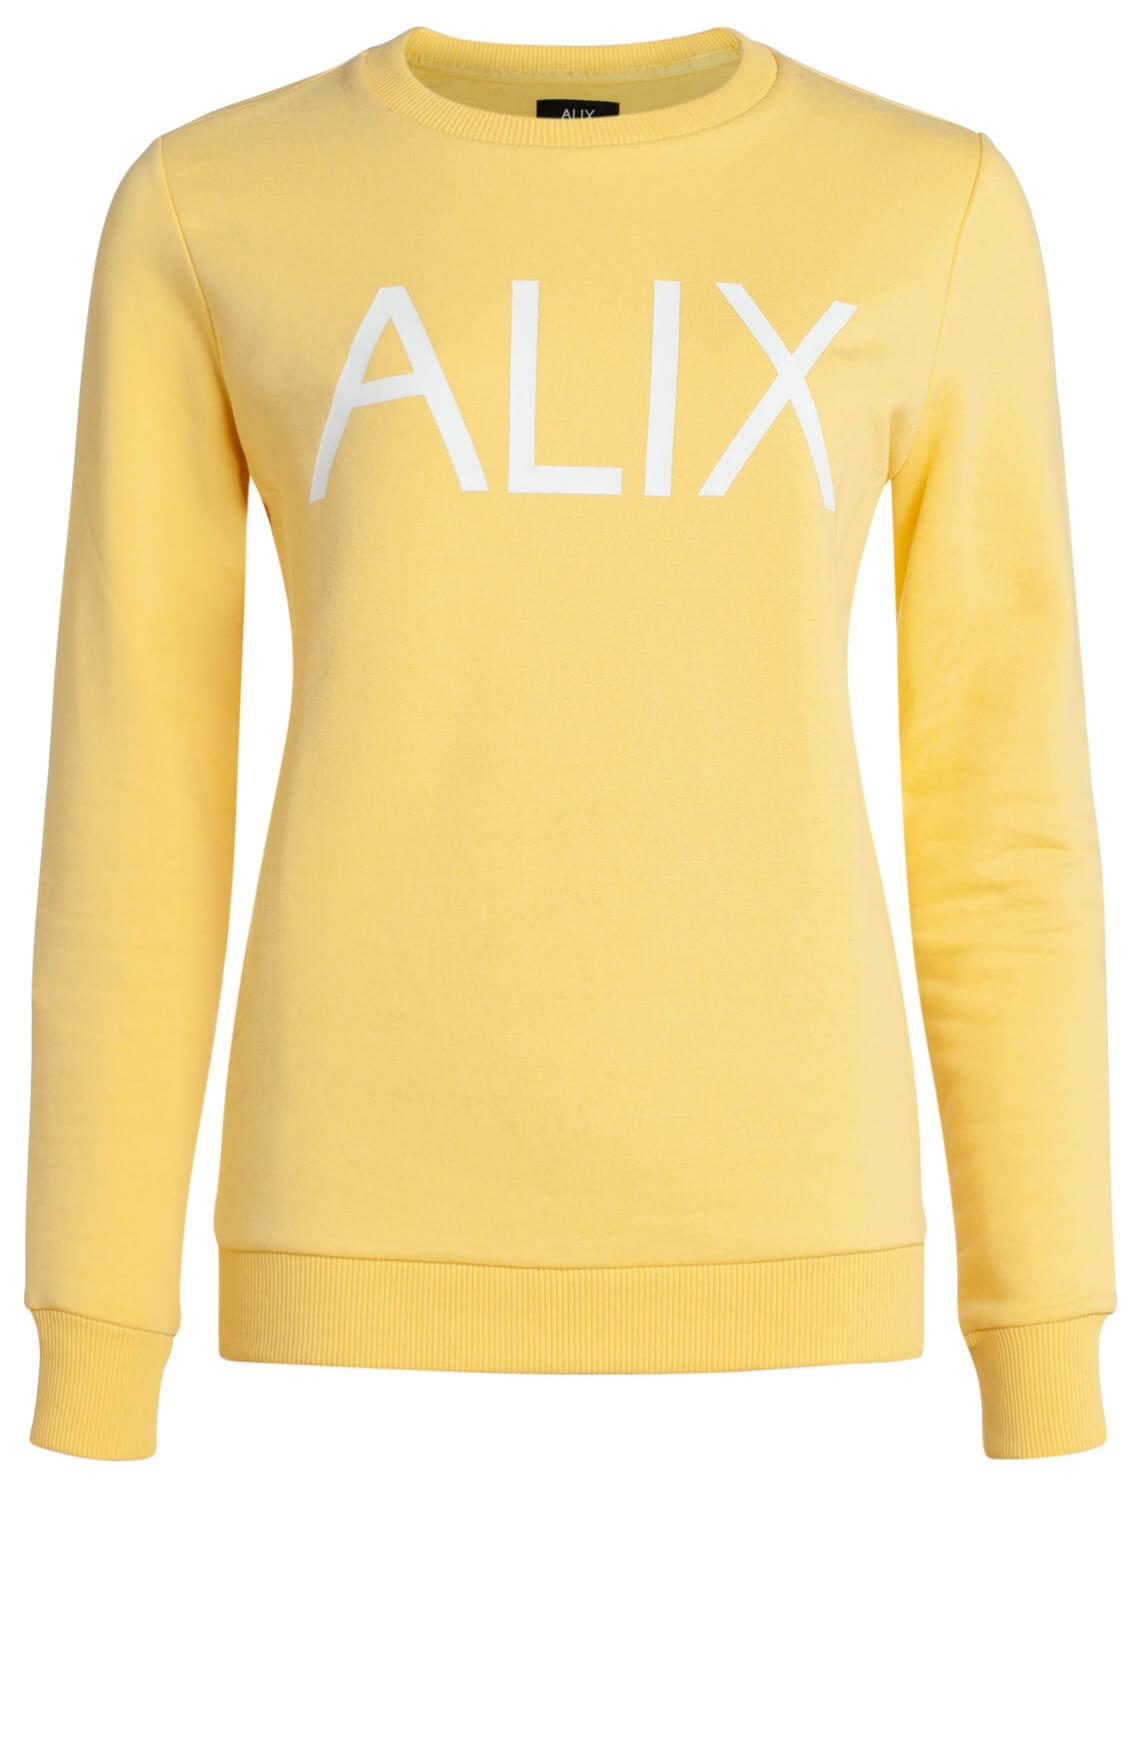 Alix The Label Dames Sweater met tekstprint geel | Anna van Toor